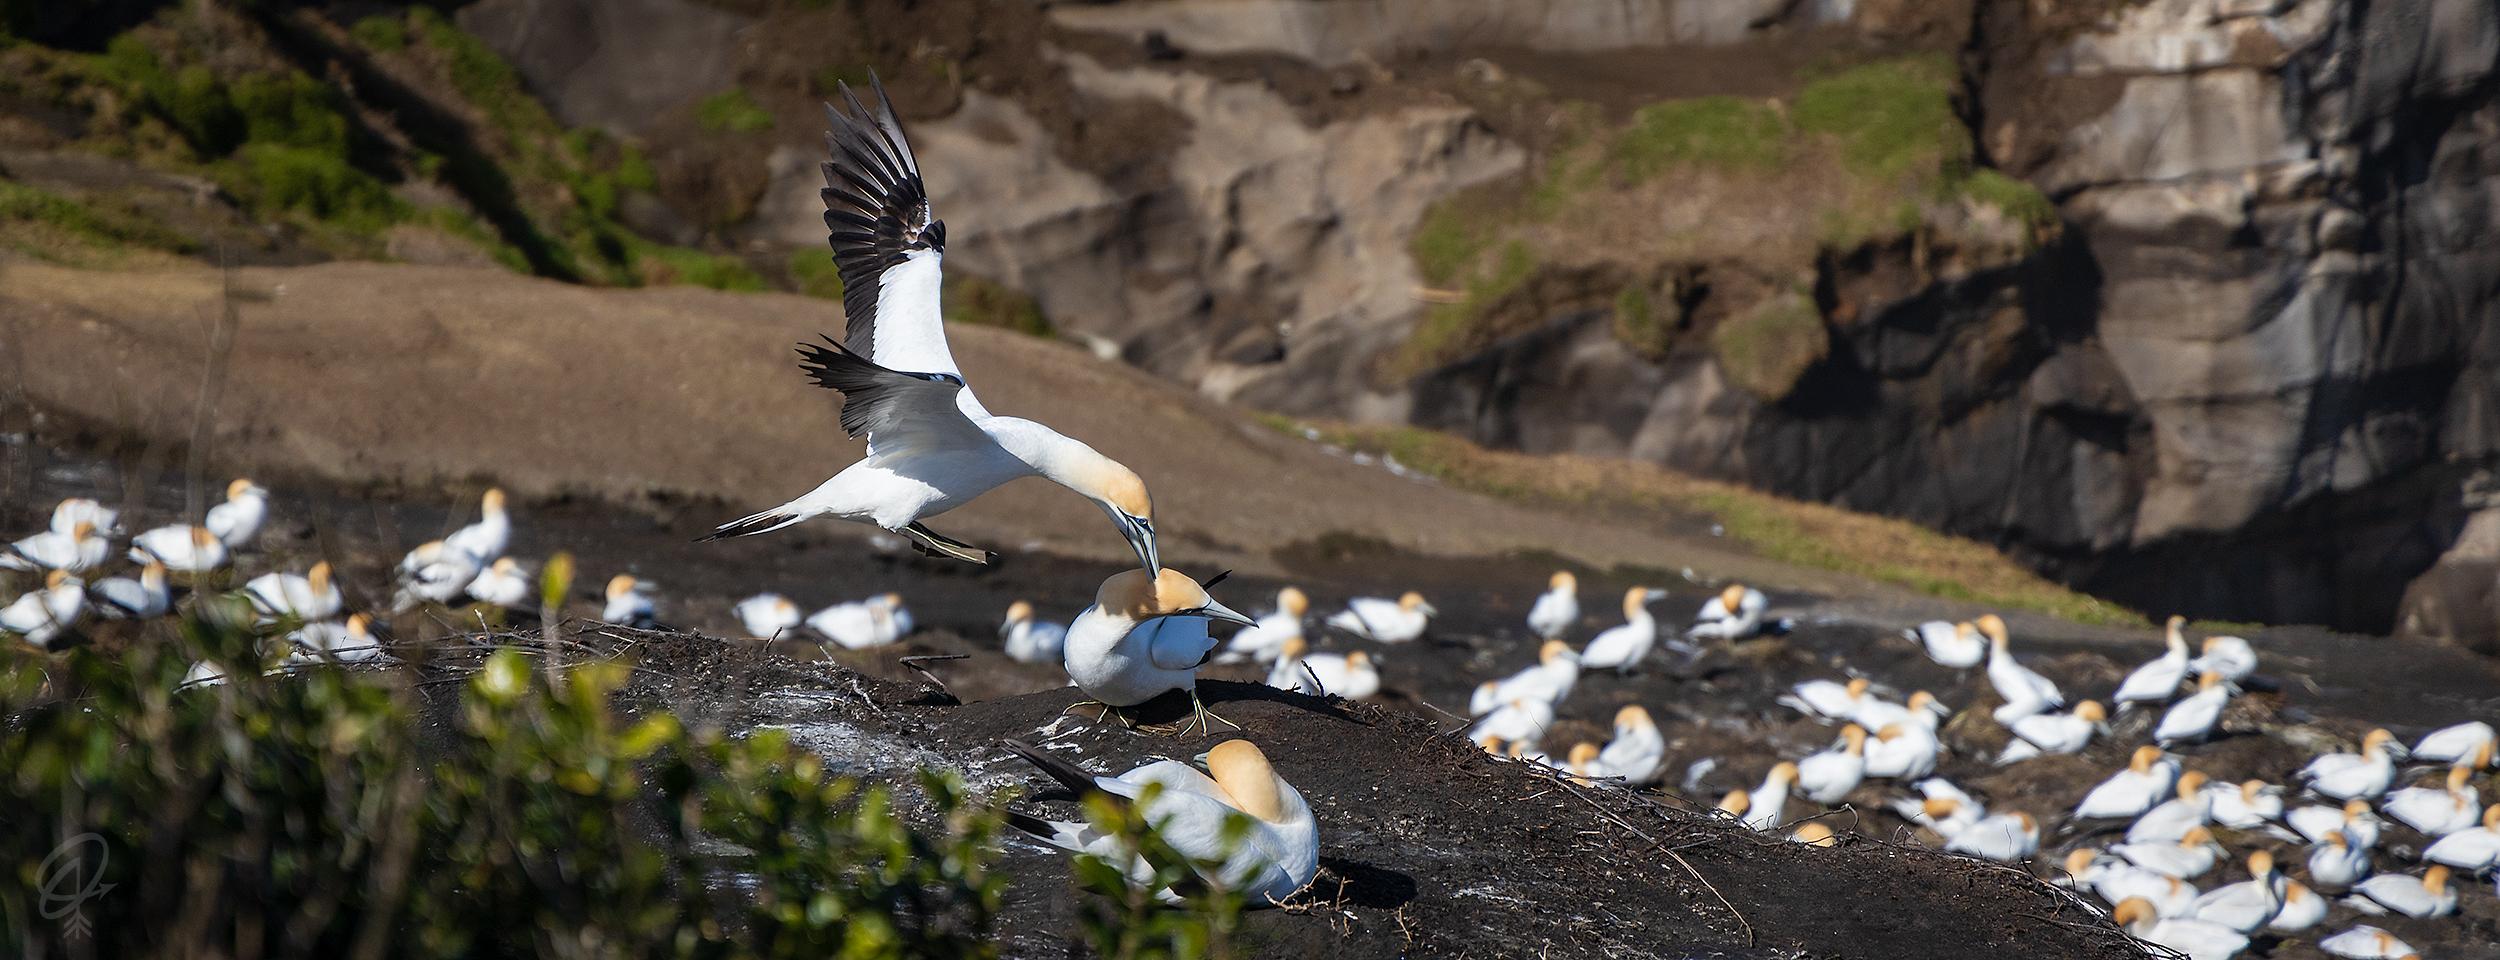 gannets flying over nest